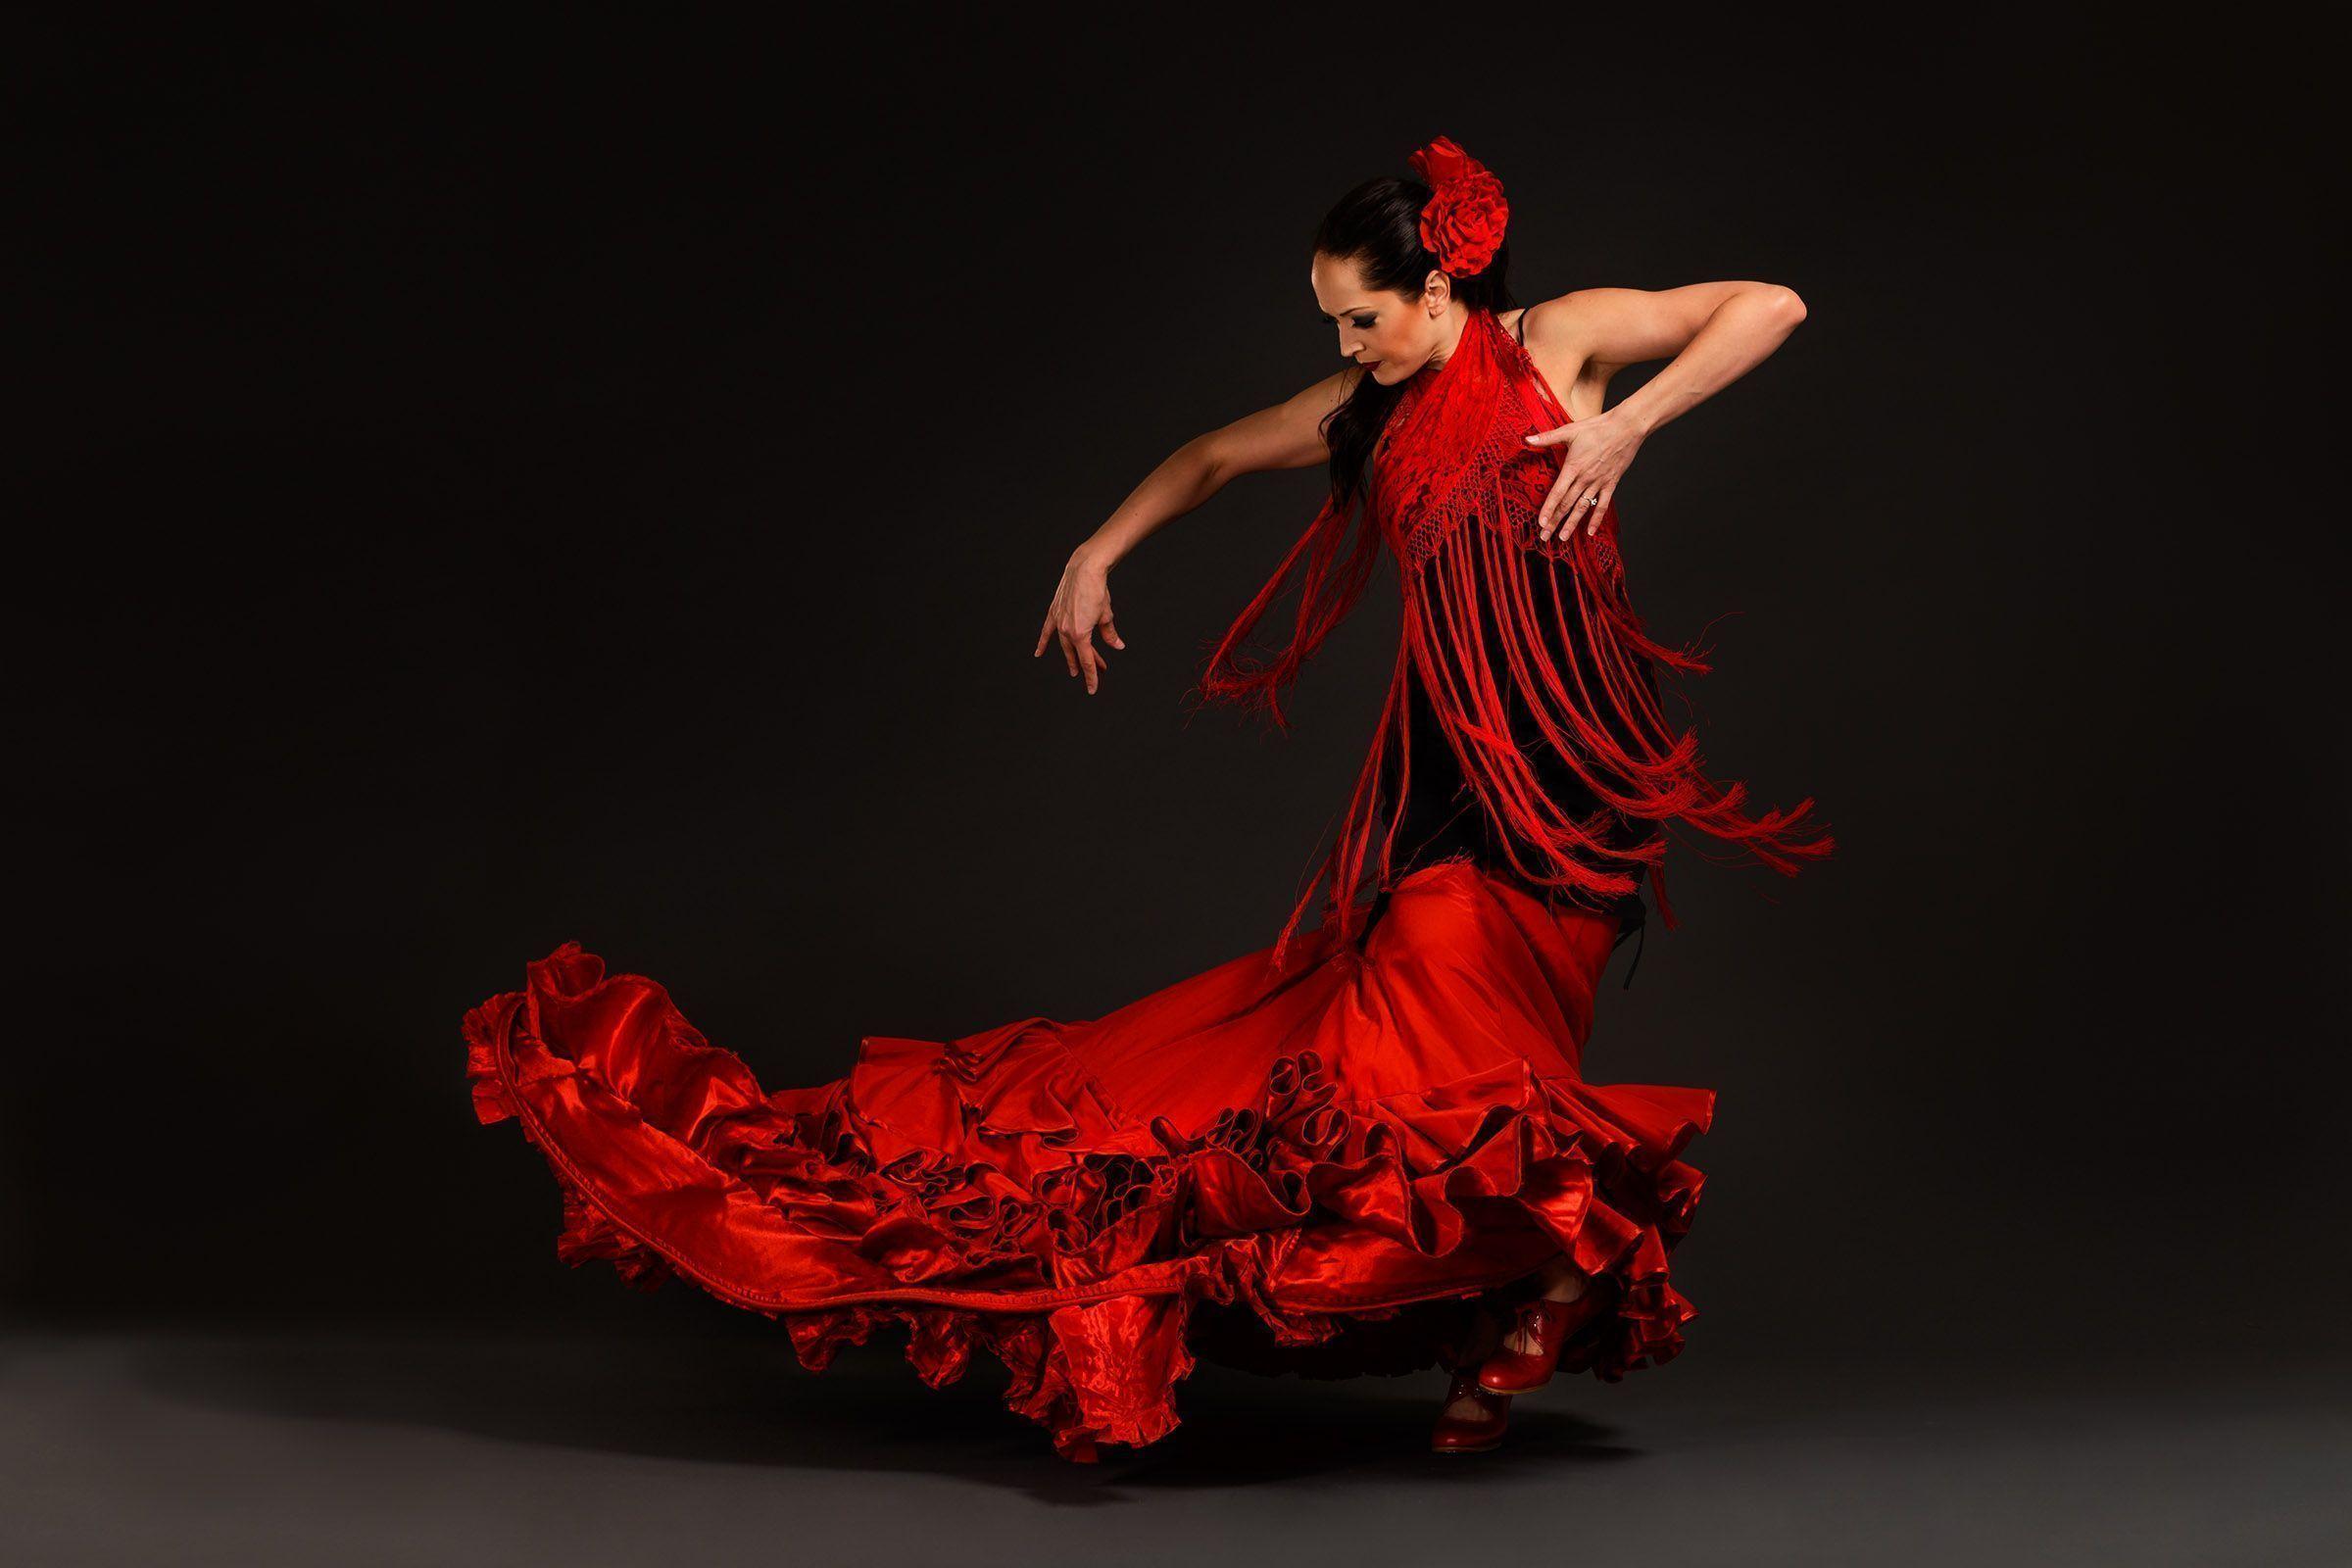 Mujer bailando Flamenco en sevilla para la ruta del flamenco de españa